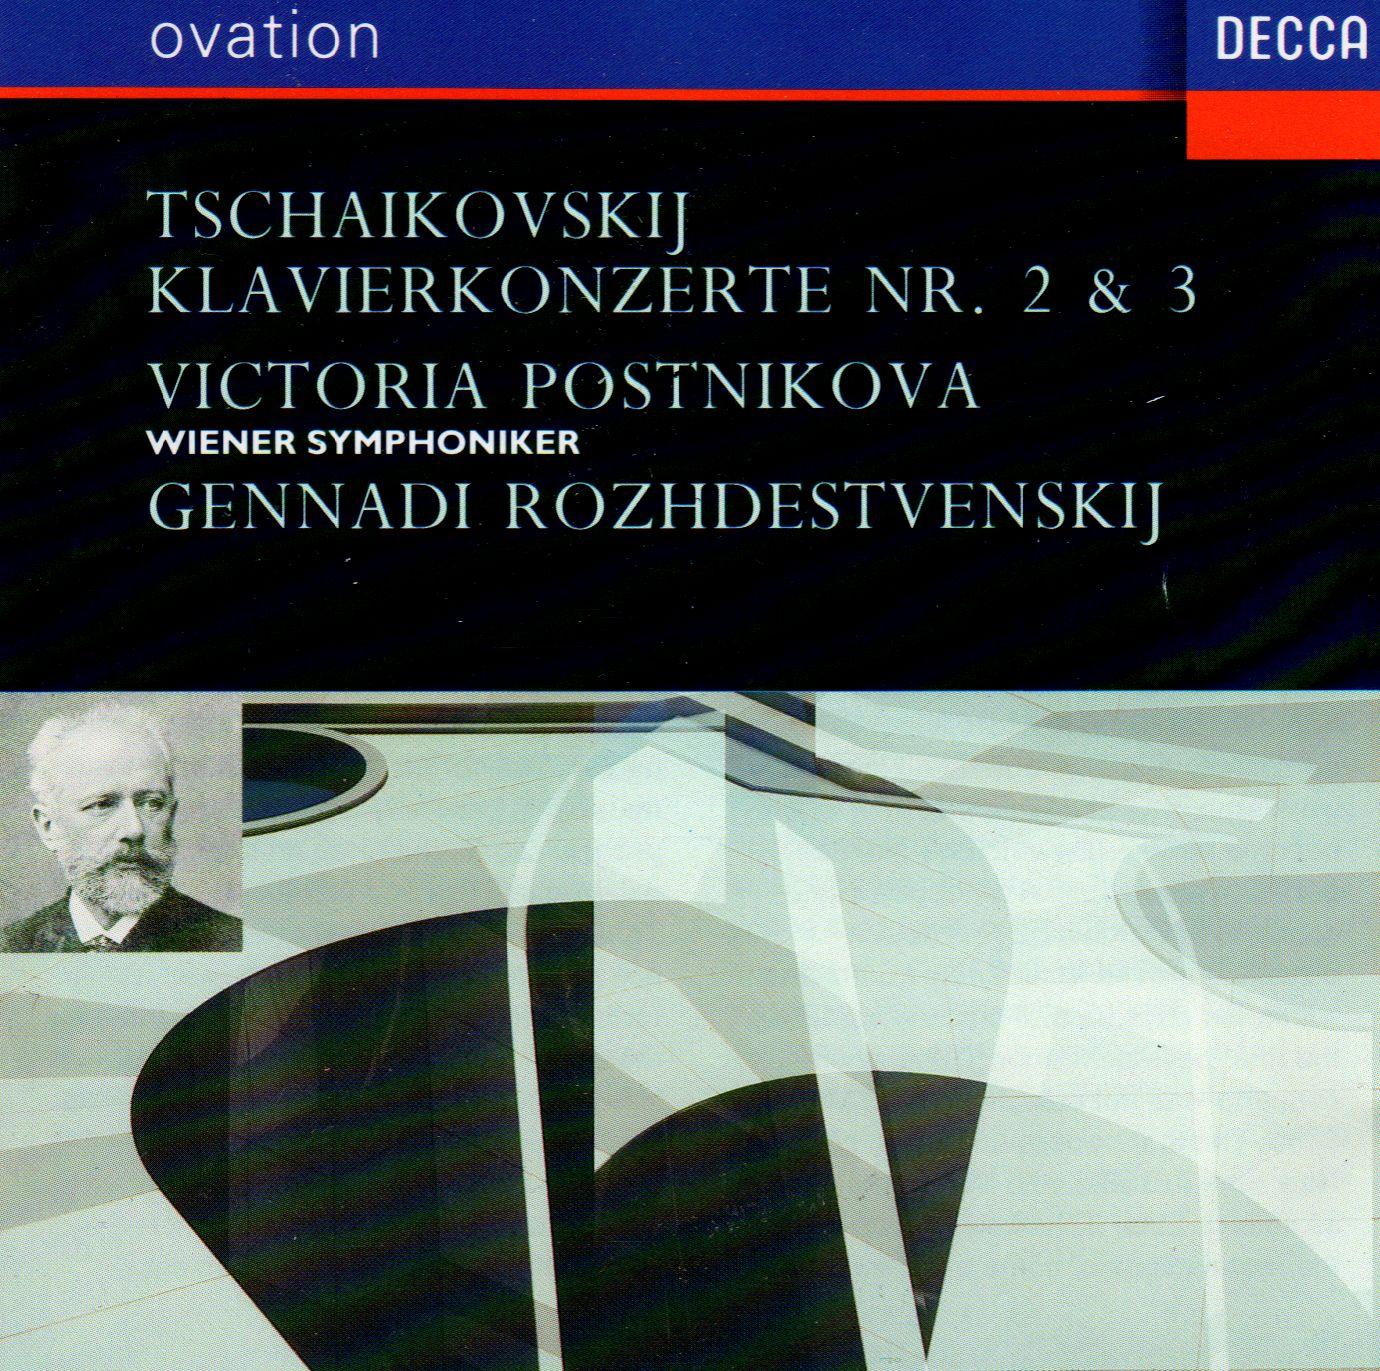 TCHAIKOVSKY PIANO CONCERTOS 2 & 3